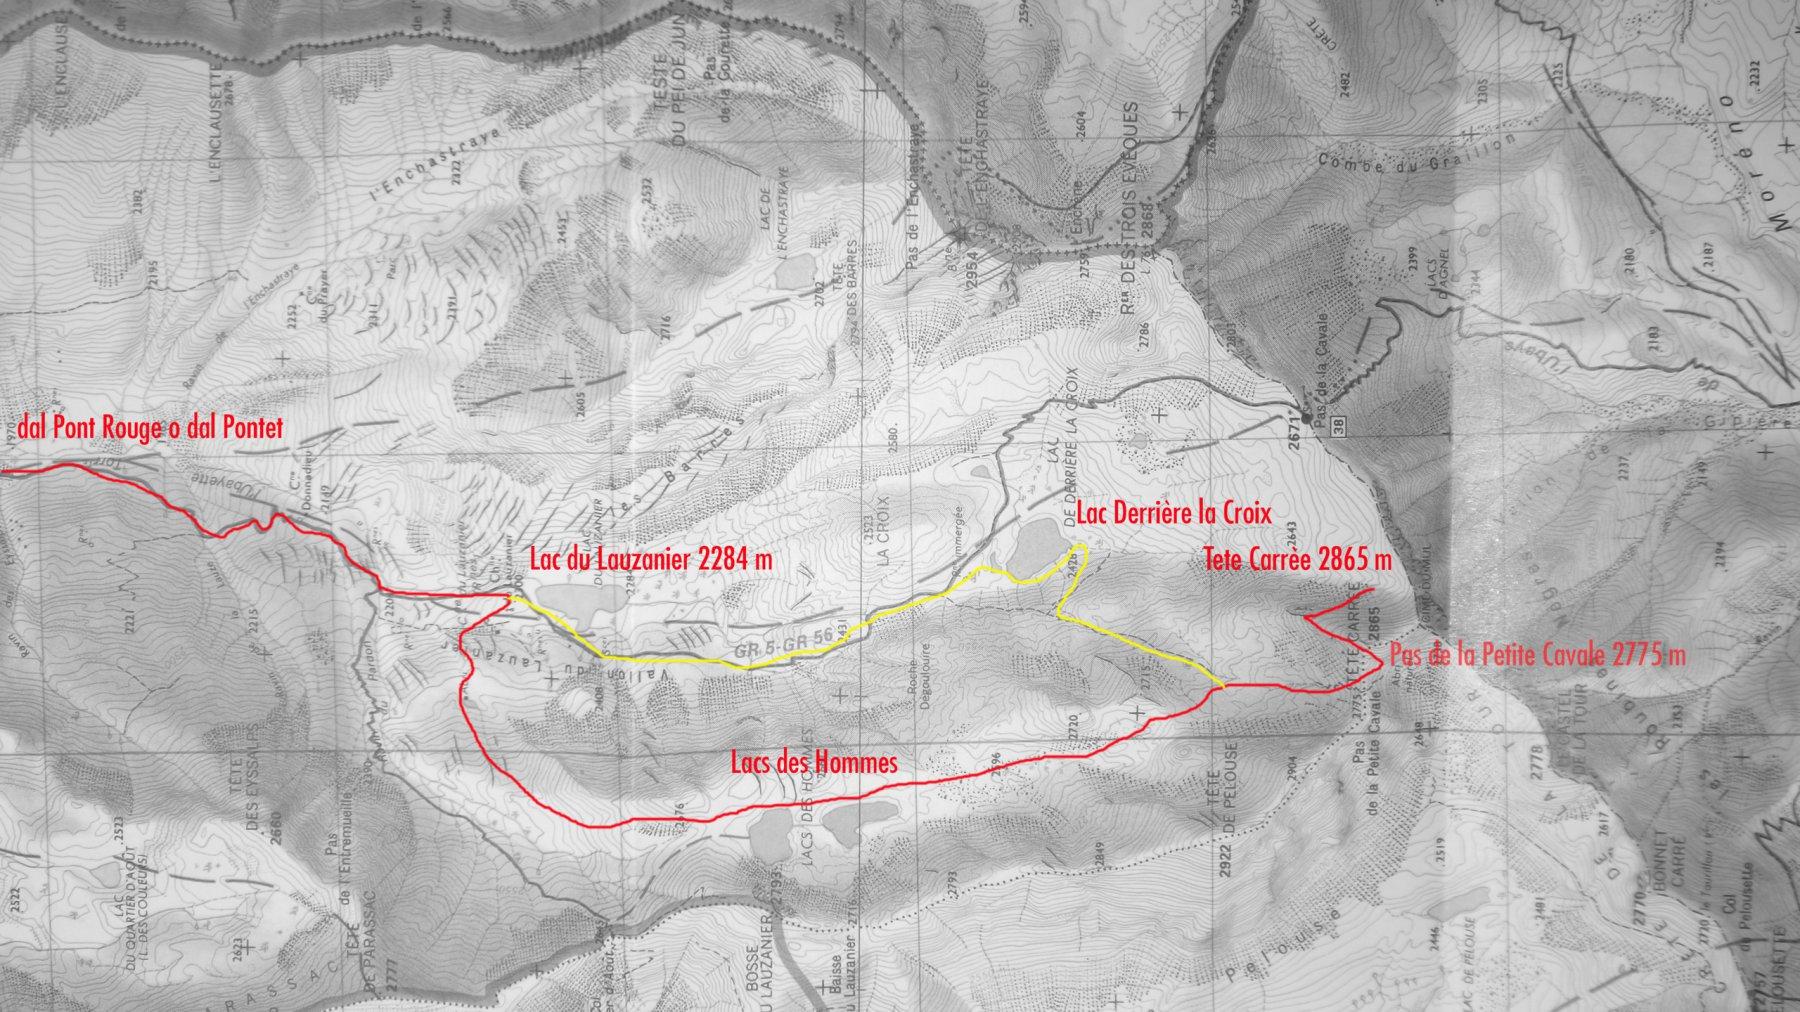 mappa IGN e via di salita per la cima